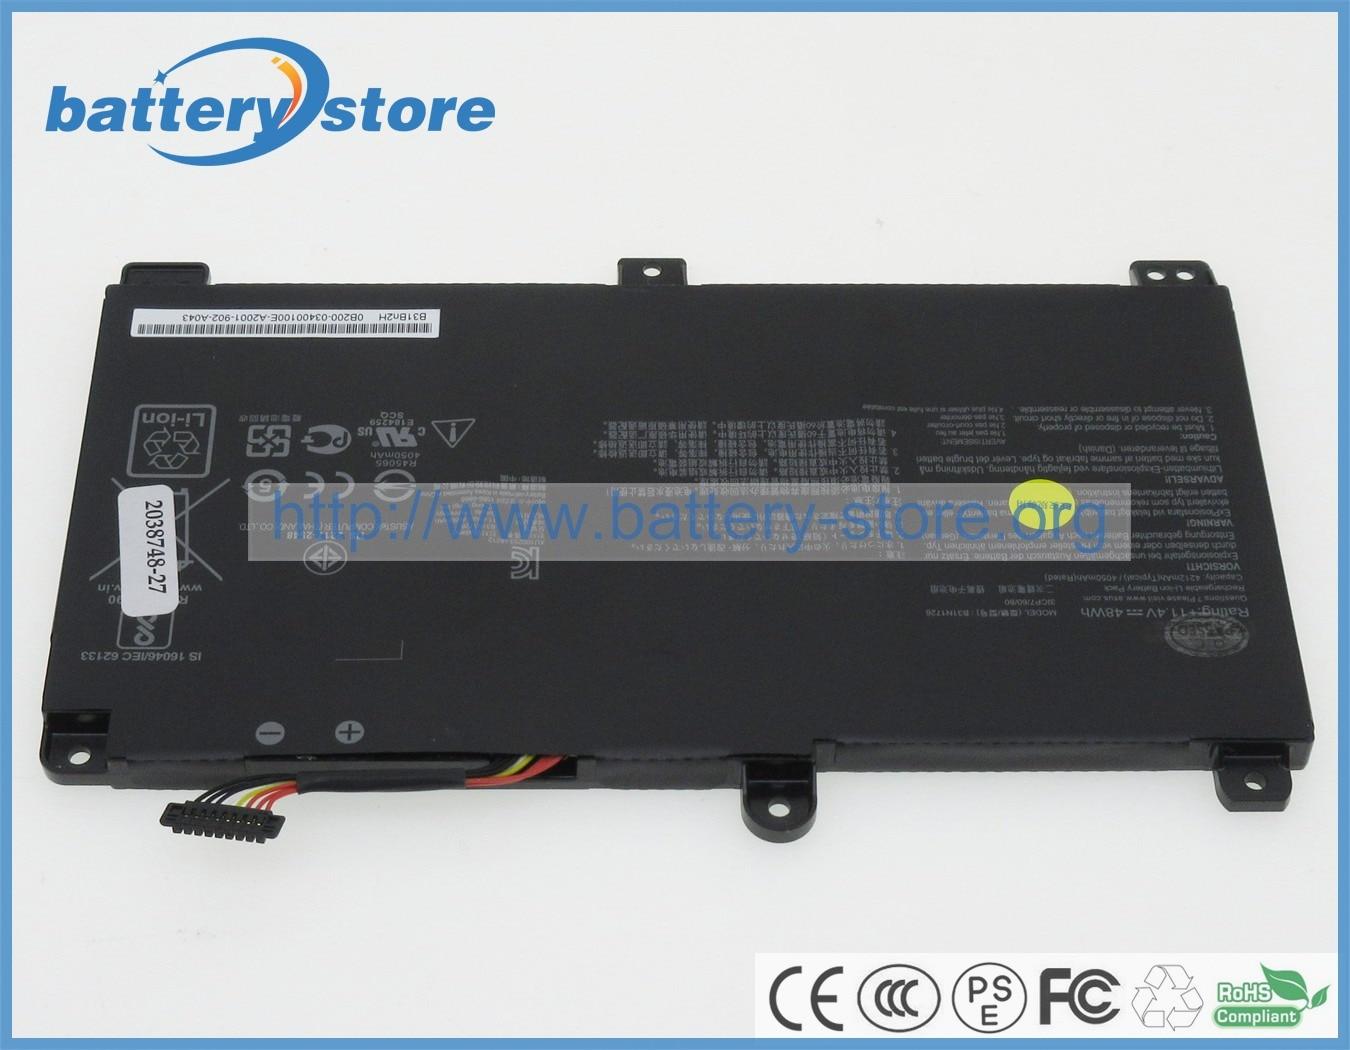 Laptop GPU Fan for ASUS FX80 FX80G FX80GE FX80GM FX80GD FX504G FX504GE FX504GD FX504GM